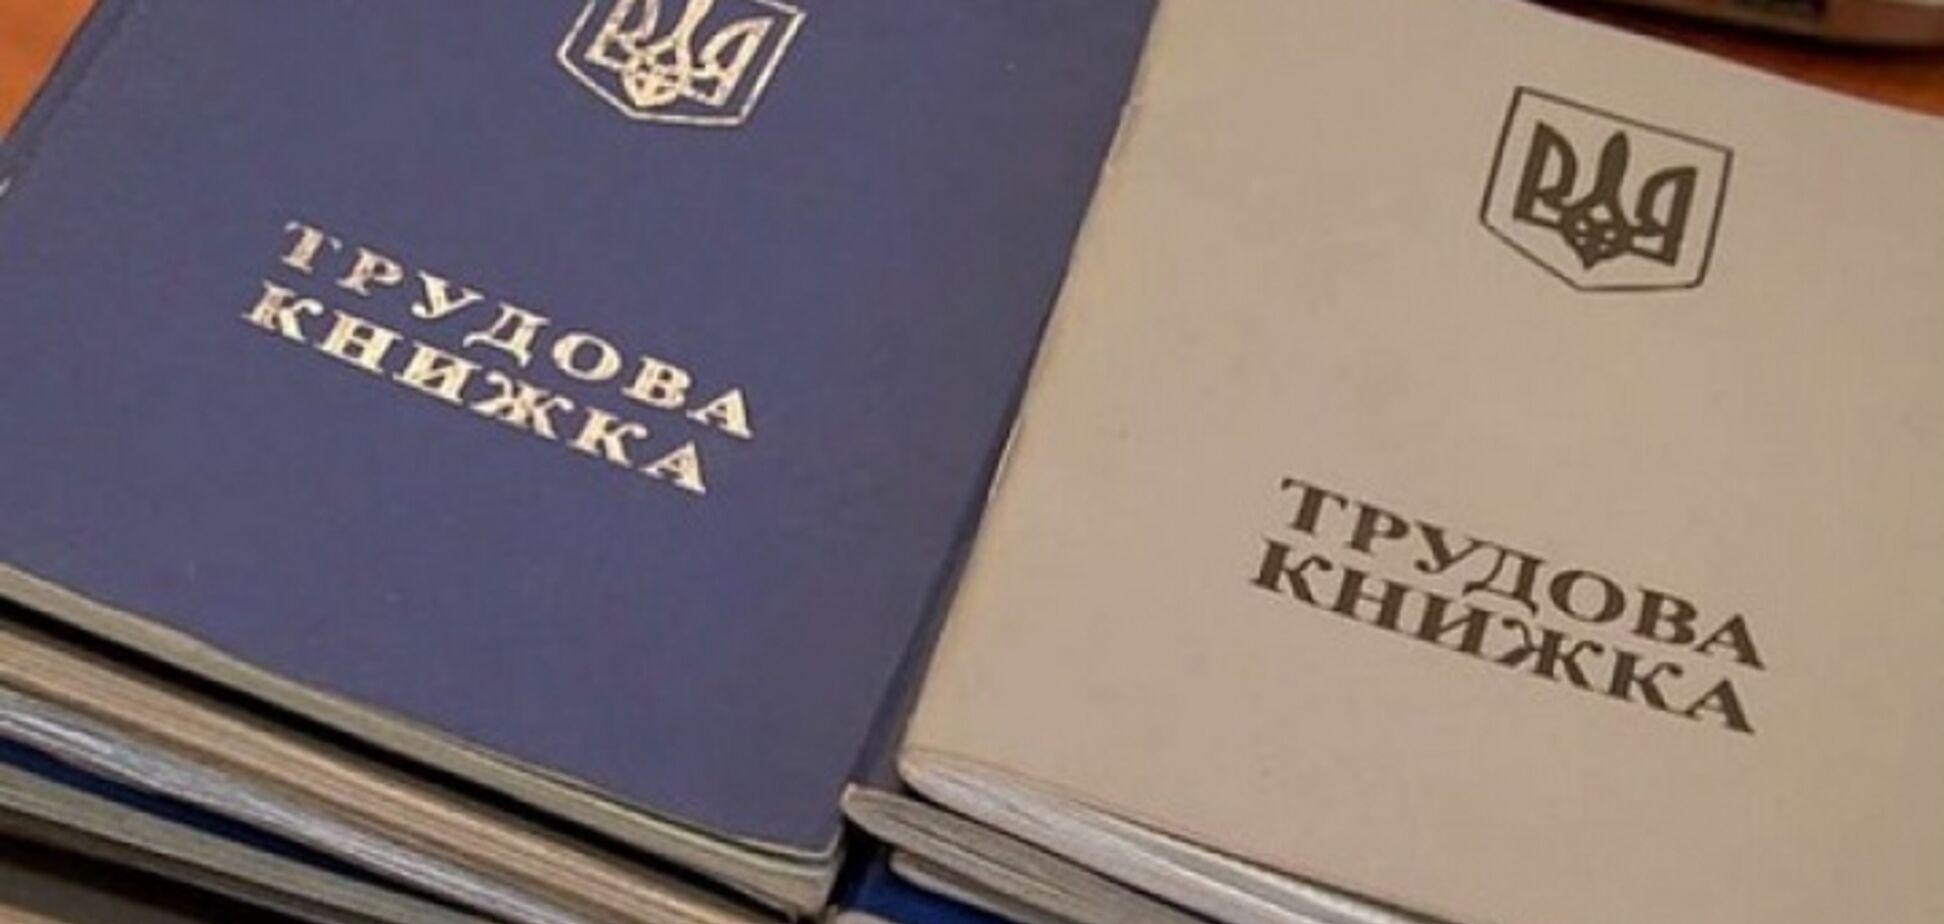 В Украине будут по-новому назначать пенсии: Шмыгаль рассказал об отмене трудовых книжек